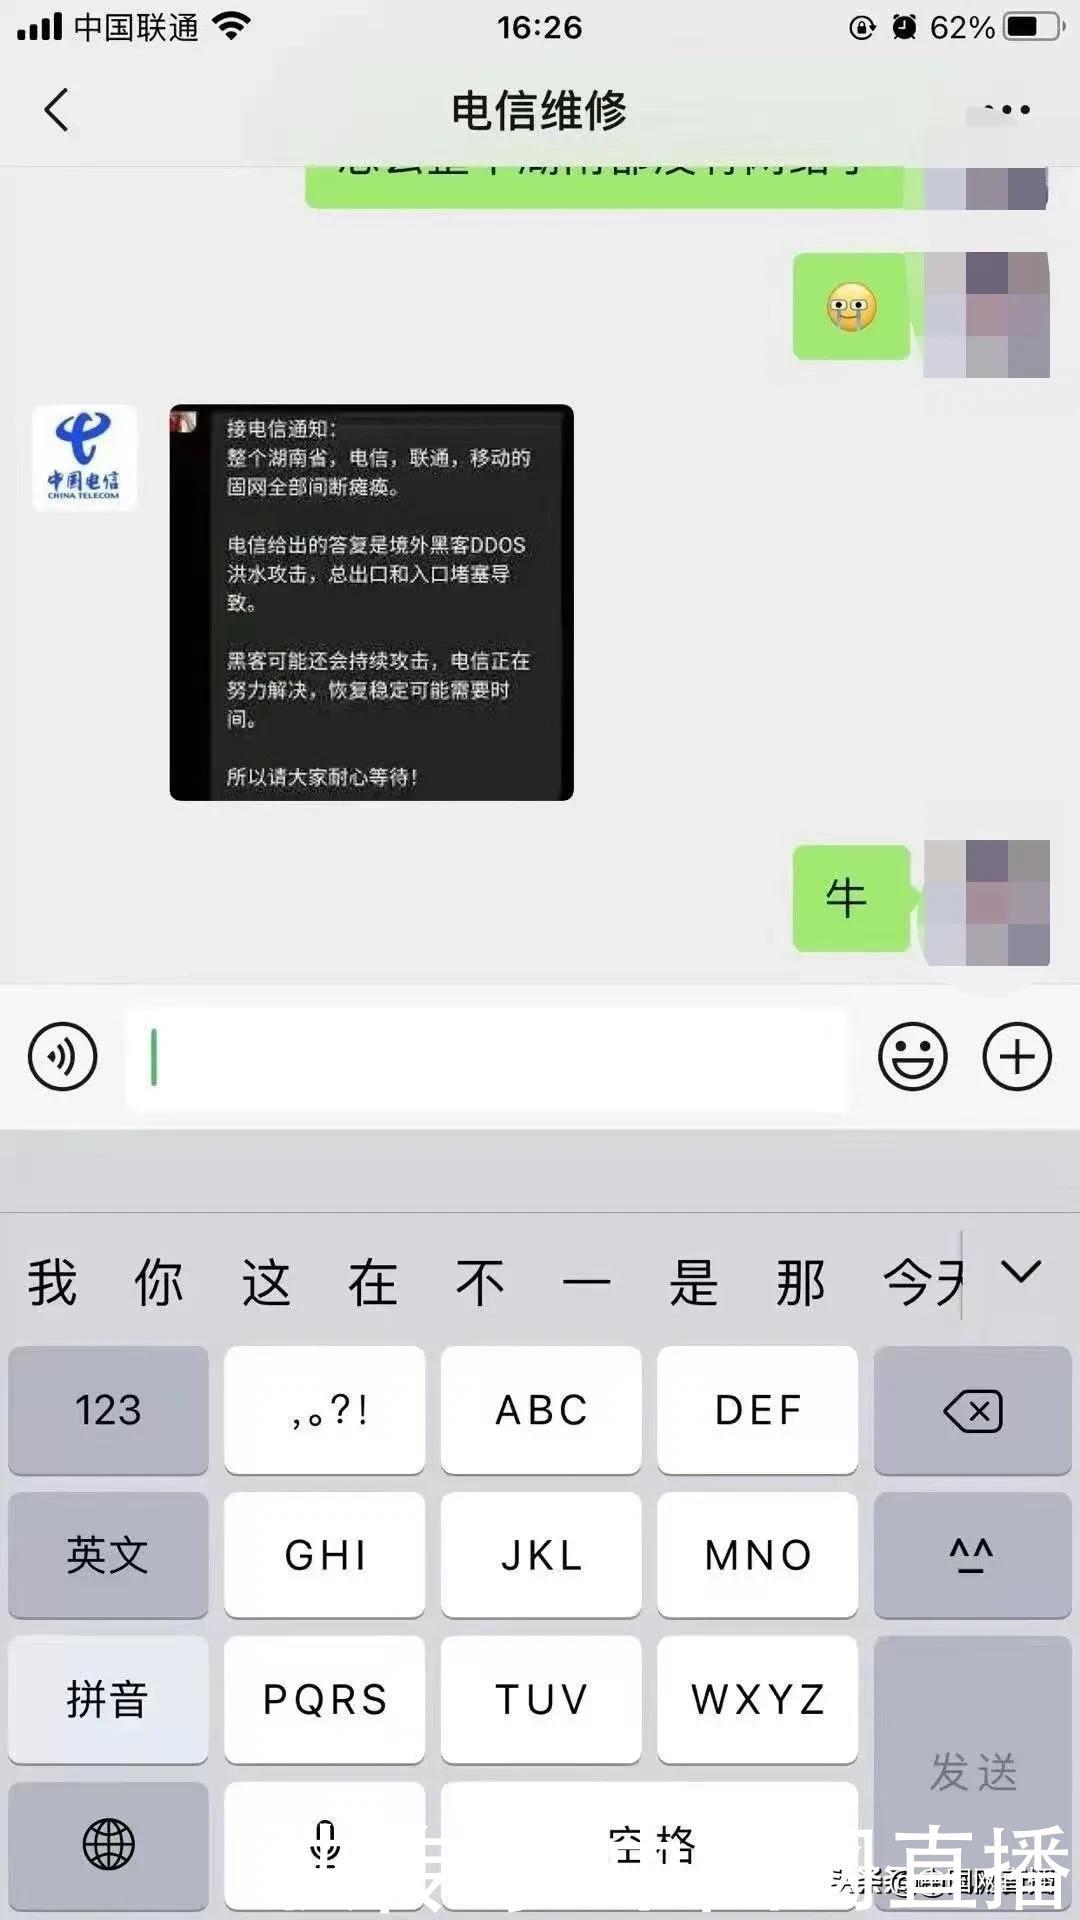 湖南電信網絡全崩,通知稱系遭境外黑客攻擊,工作人員回應